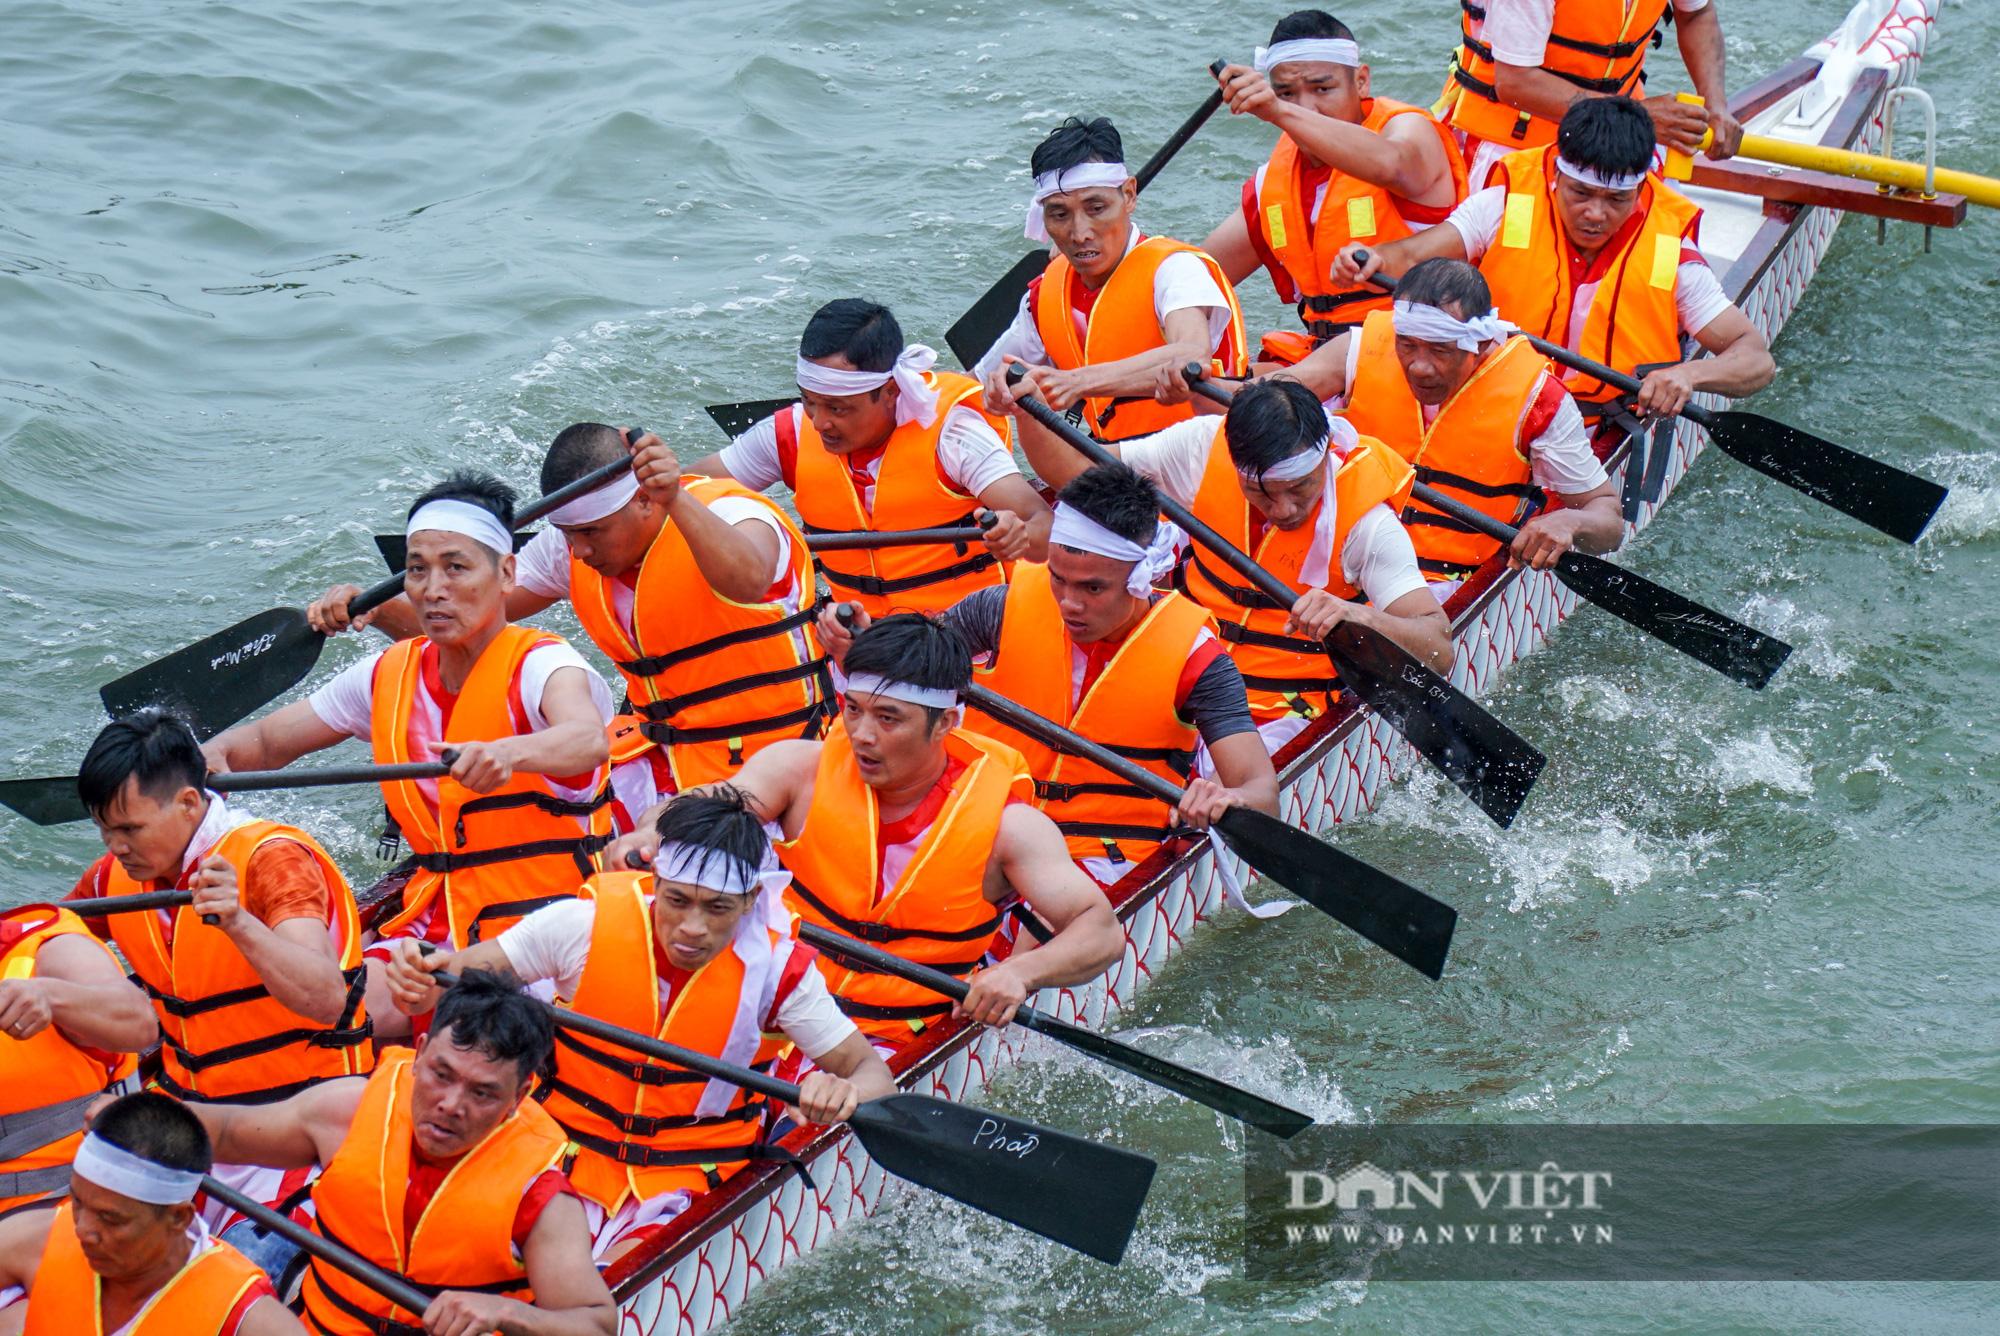 Phú Thọ: Kịch tính giải đua bơi chải chào mừng ngày giỗ Tổ Hùng Vương - Ảnh 11.